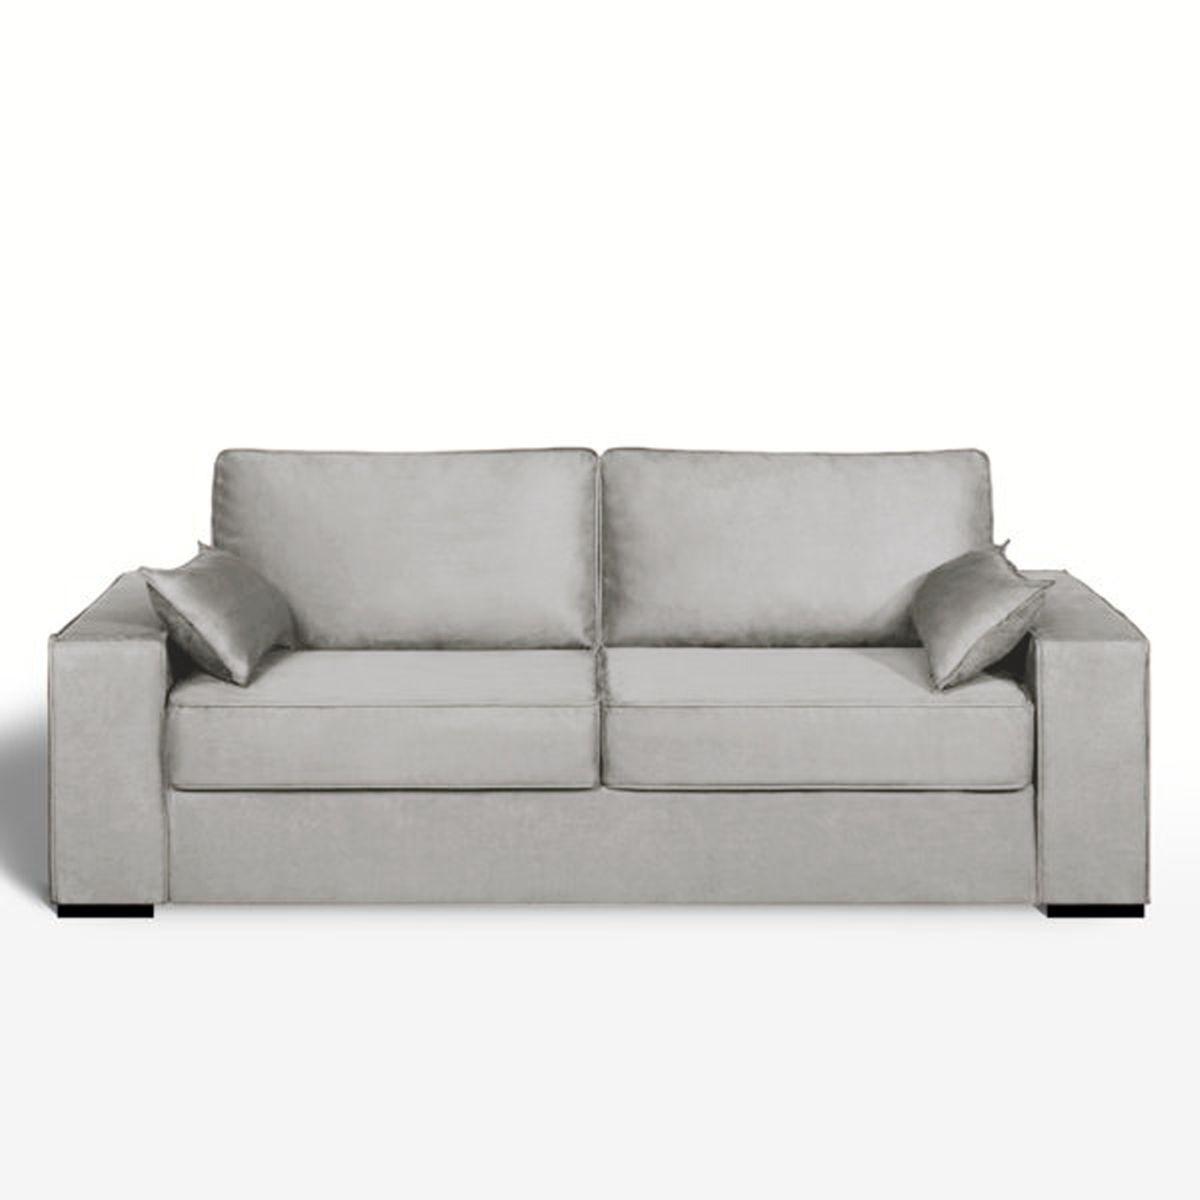 Canapé lit, microfibre, bultex, Cécilia